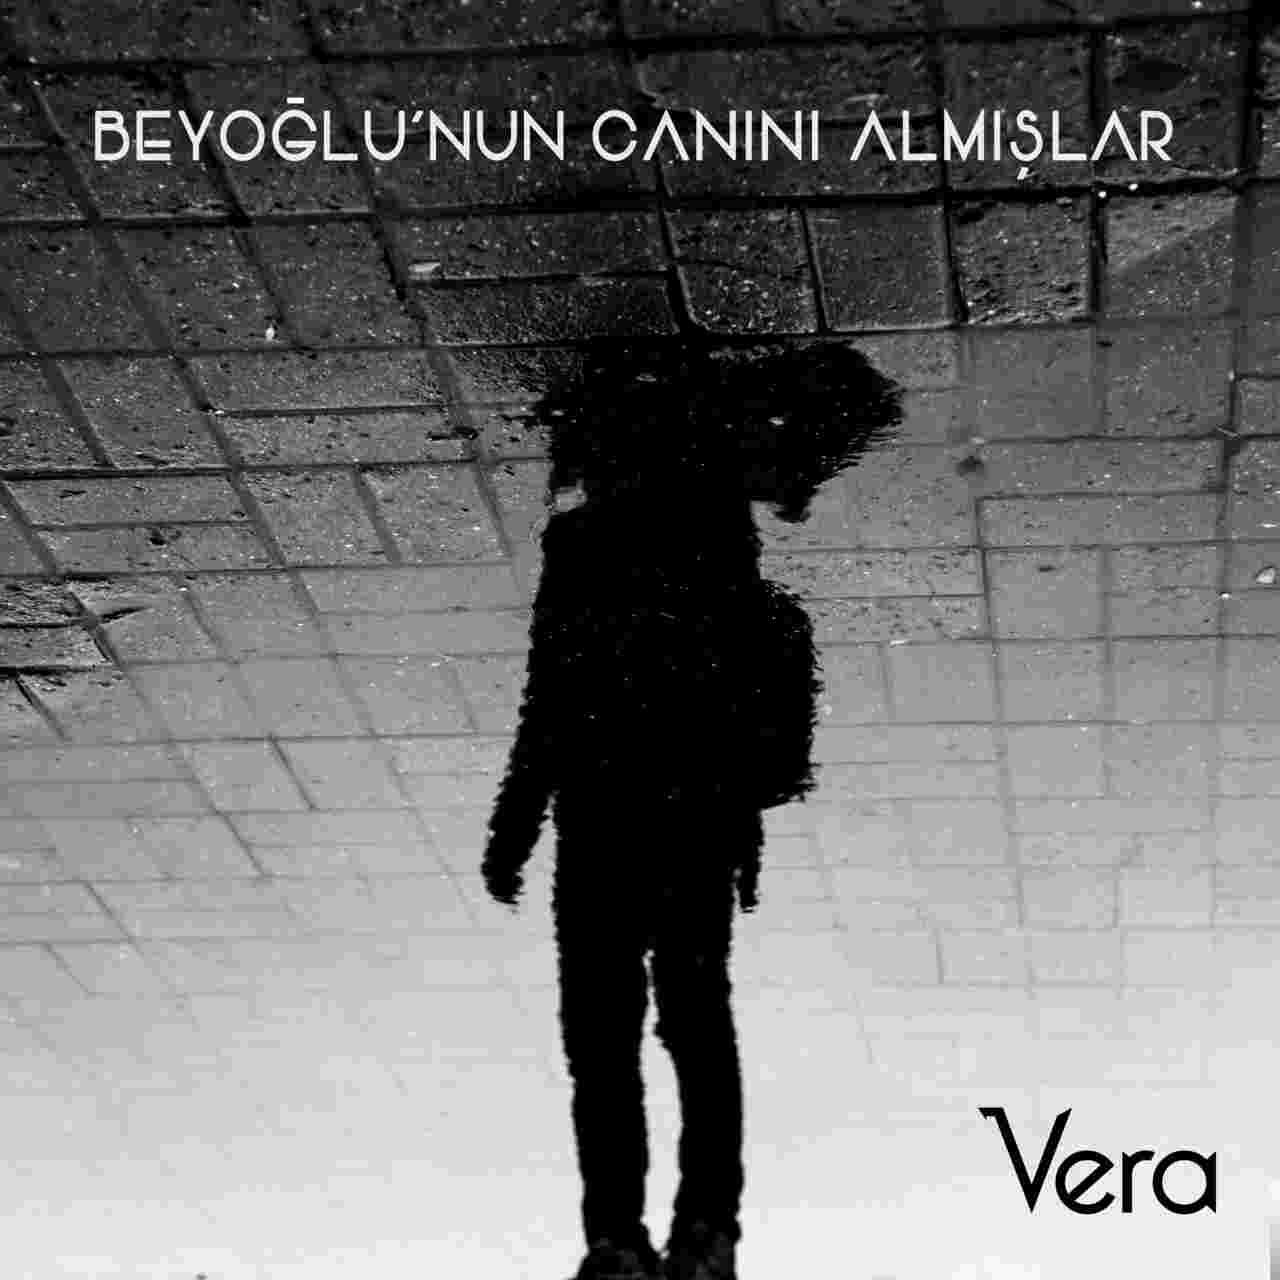 Beyoğlu'nun Canını Almışlar (2019) albüm kapak resmi